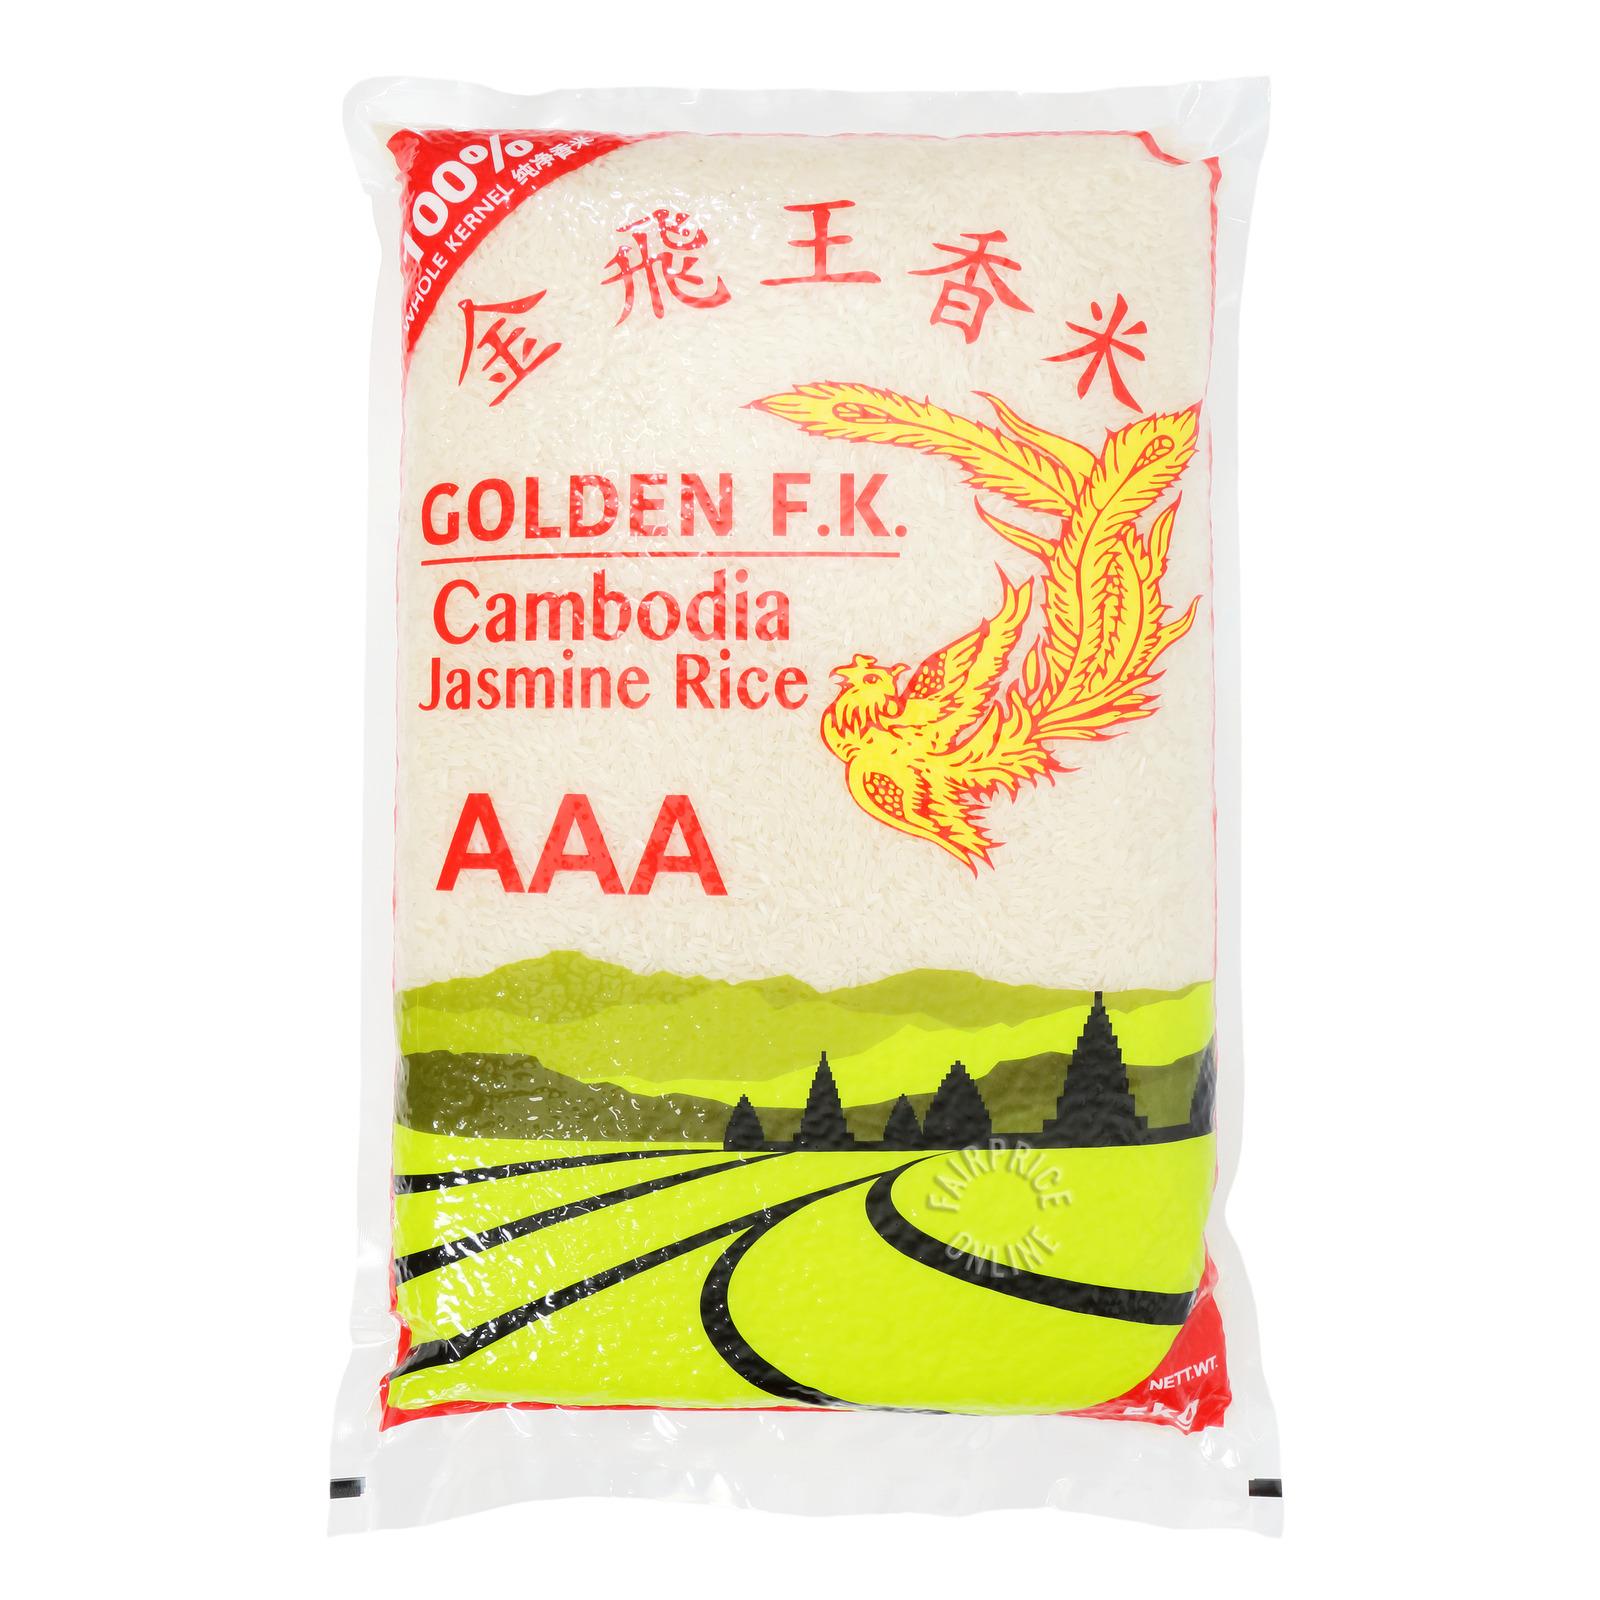 AAA Golden F.K. Premium Jasmine Rice